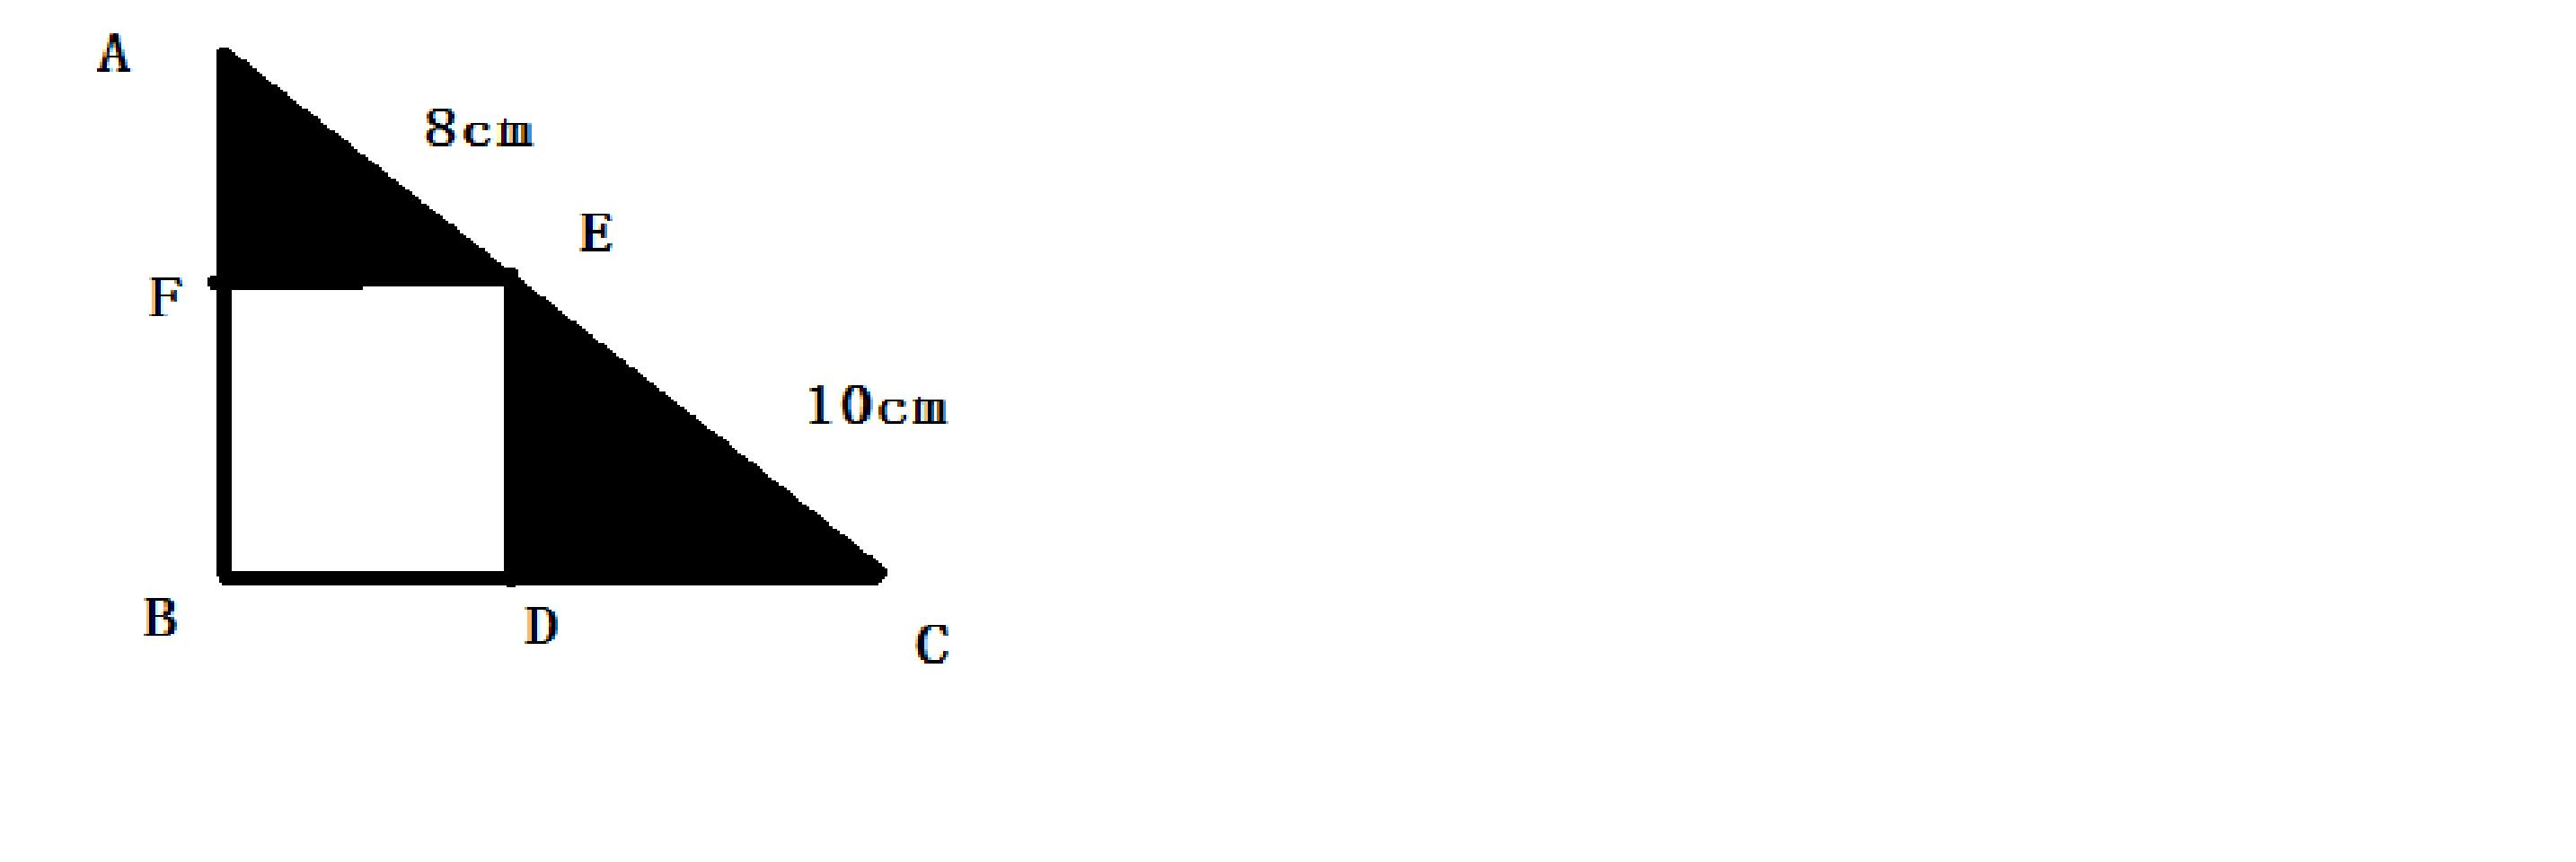 如下图,在直角三角形abc中有一个正方形bdef,e点正好落在直角三角形的图片